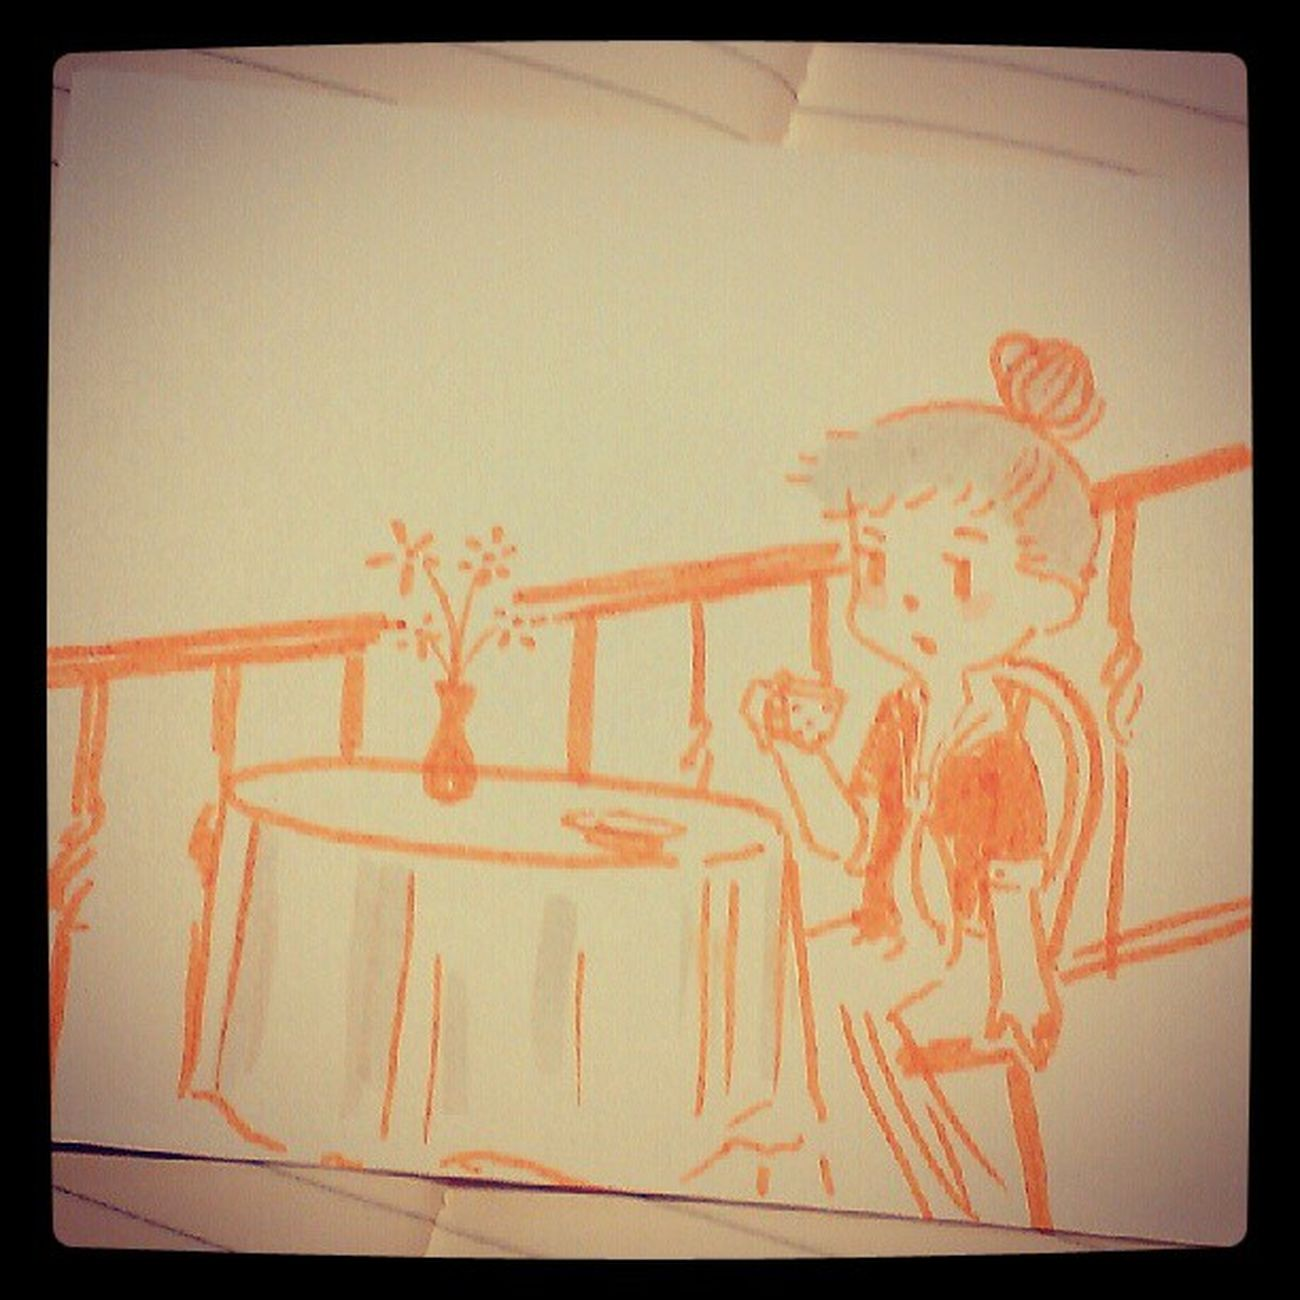 ฉันฝันว่าฉันจะได้เลี้ยงกาแฟใครสักคน...แต่ฝันนั้นยังมาไม่ถึง Hand Made Illus Illustation Art, Drawing, Creativity